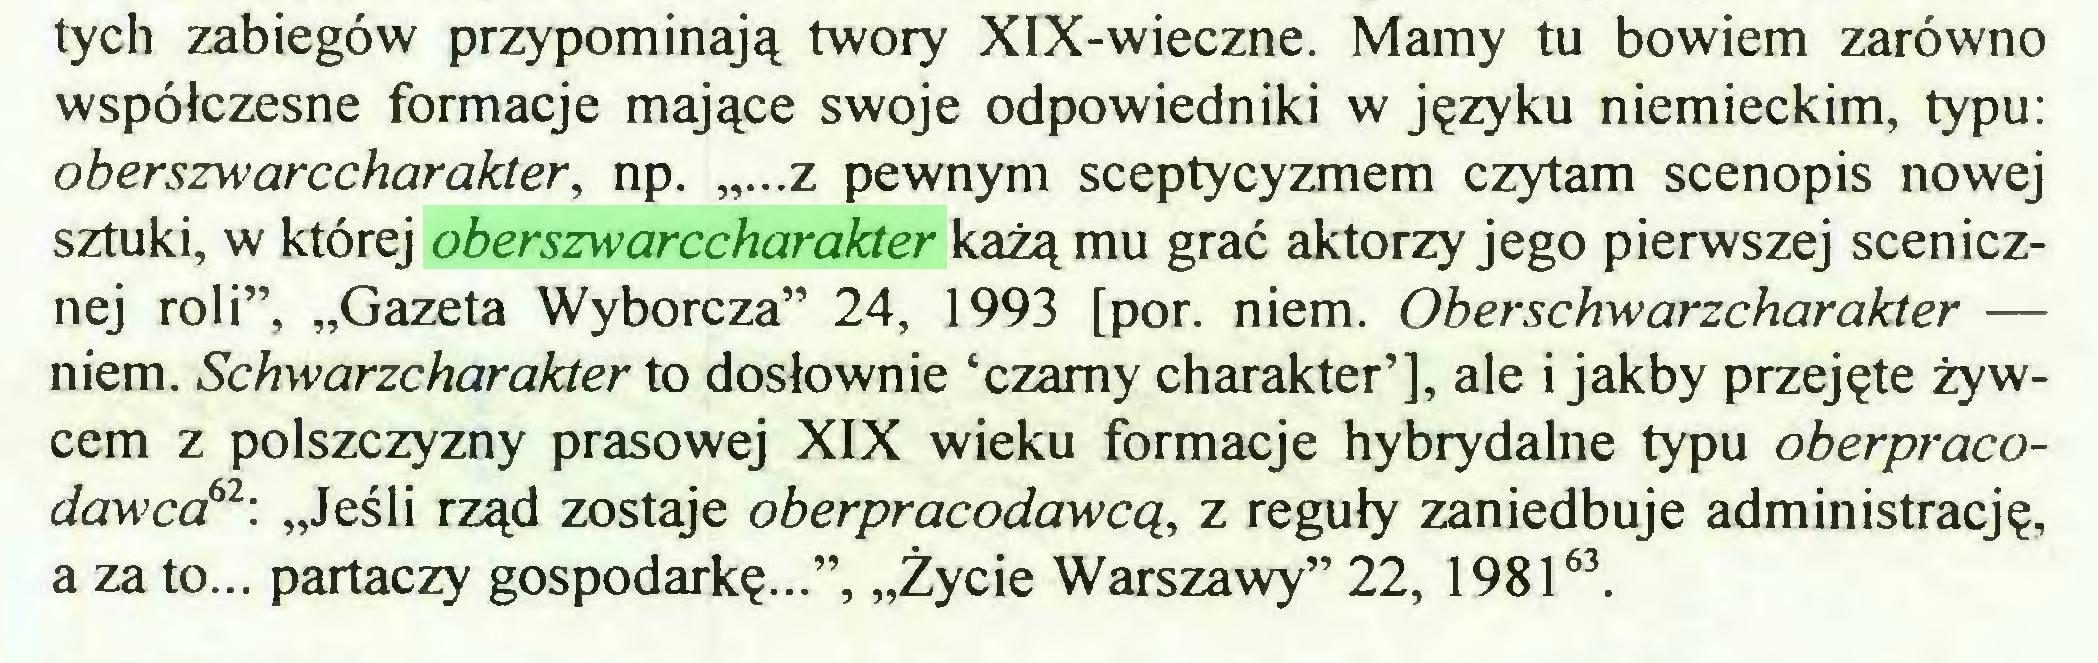 """(...) tych zabiegów przypominają twory XIX-wieczne. Mamy tu bowiem zarówno współczesne formacje mające swoje odpowiedniki w języku niemieckim, typu: oberszwarccharakter, np. """"...z pewnym sceptycyzmem czytam scenopis nowej sztuki, w której oberszwarccharakter każą mu grać aktorzy jego pierwszej scenicznej roli"""", """"Gazeta Wyborcza"""" 24, 1993 [por. niem. Oberschwarzcharakter — niem. Schwarzcharakter to dosłownie 'czarny charakter'], ale i jakby przejęte żywcem z polszczyzny prasowej XIX wieku formacje hybrydalne typu oberpracodawca61  62: """"Jeśli rząd zostaje oberpracodawcą, z reguły zaniedbuje administrację, a za to... partaczy gospodarkę..."""", """"Życie Warszawy"""" 22, 198163..."""